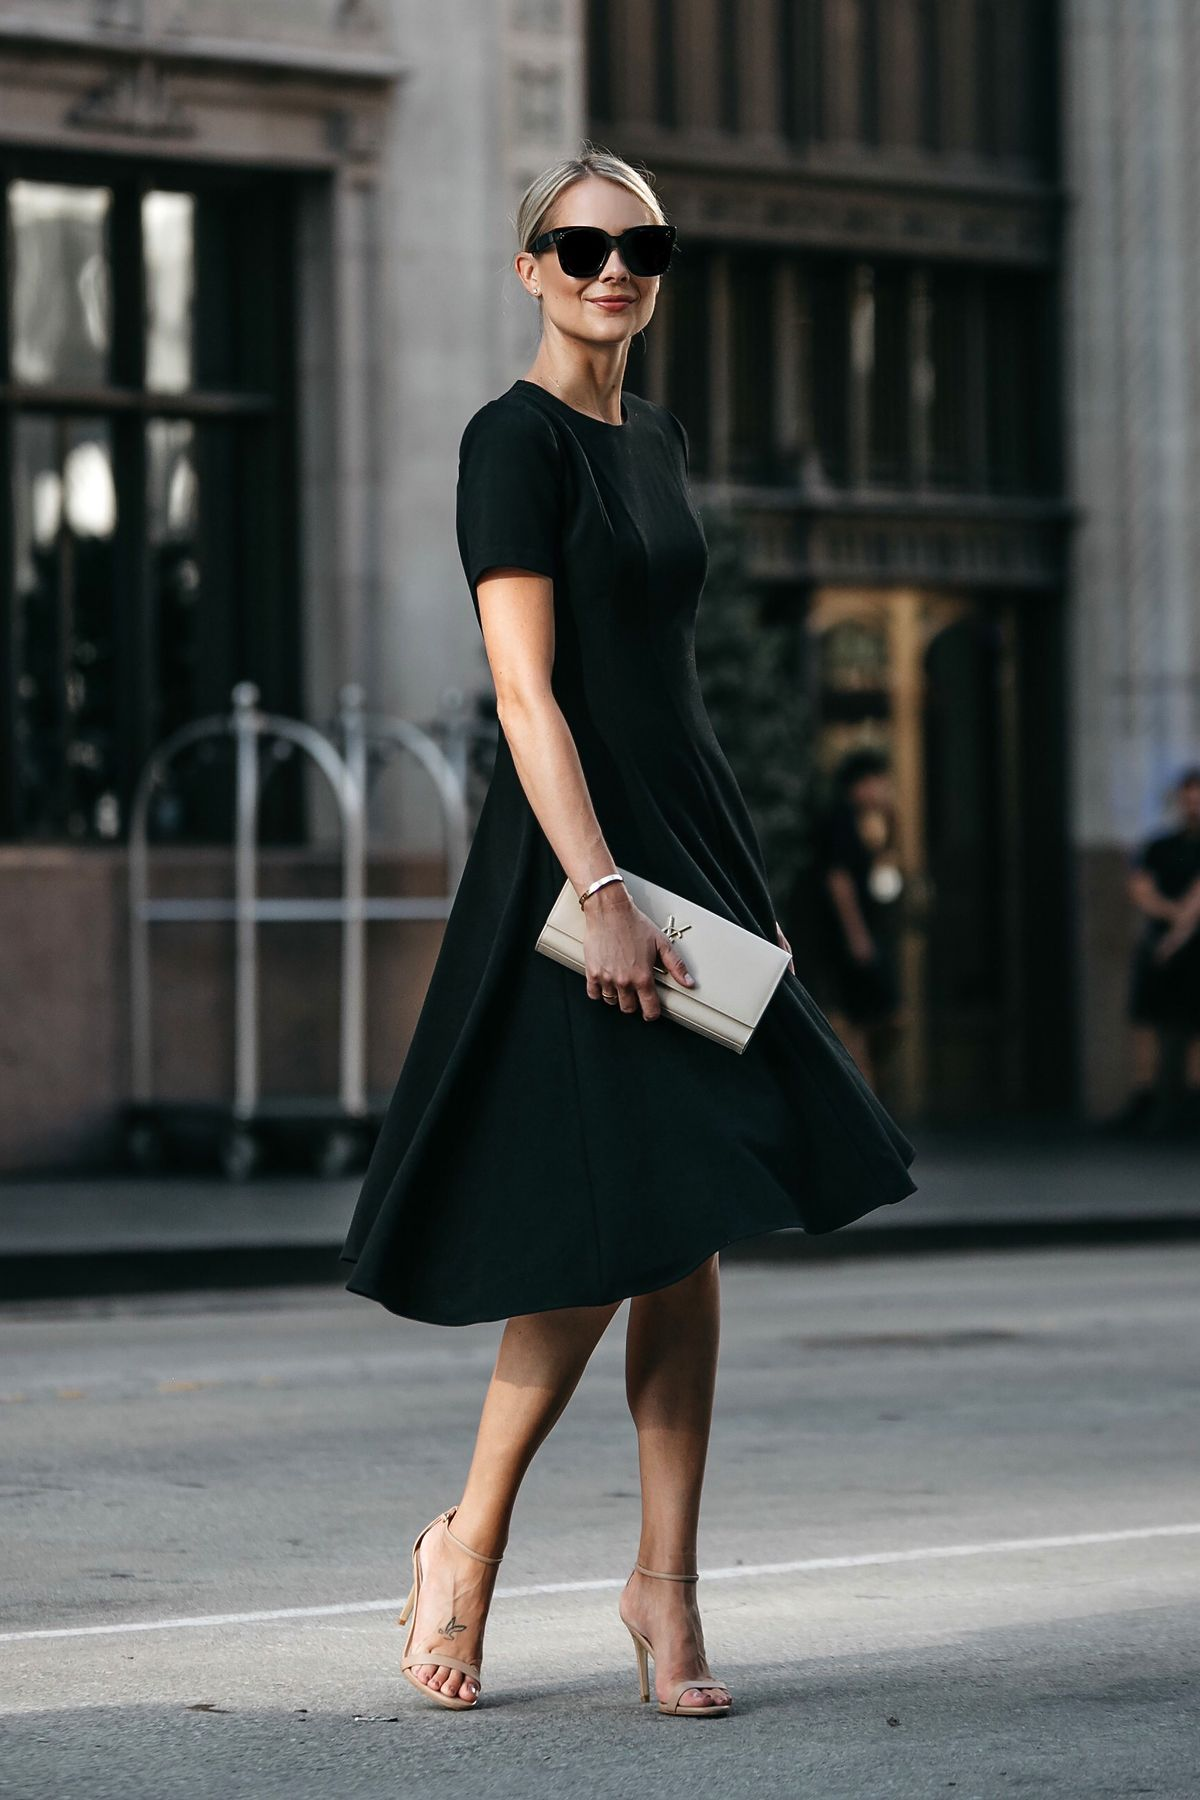 28d4cbdf03e Blonde Woman Wearing Black Halo Asymmetrical Little Black Dress ...